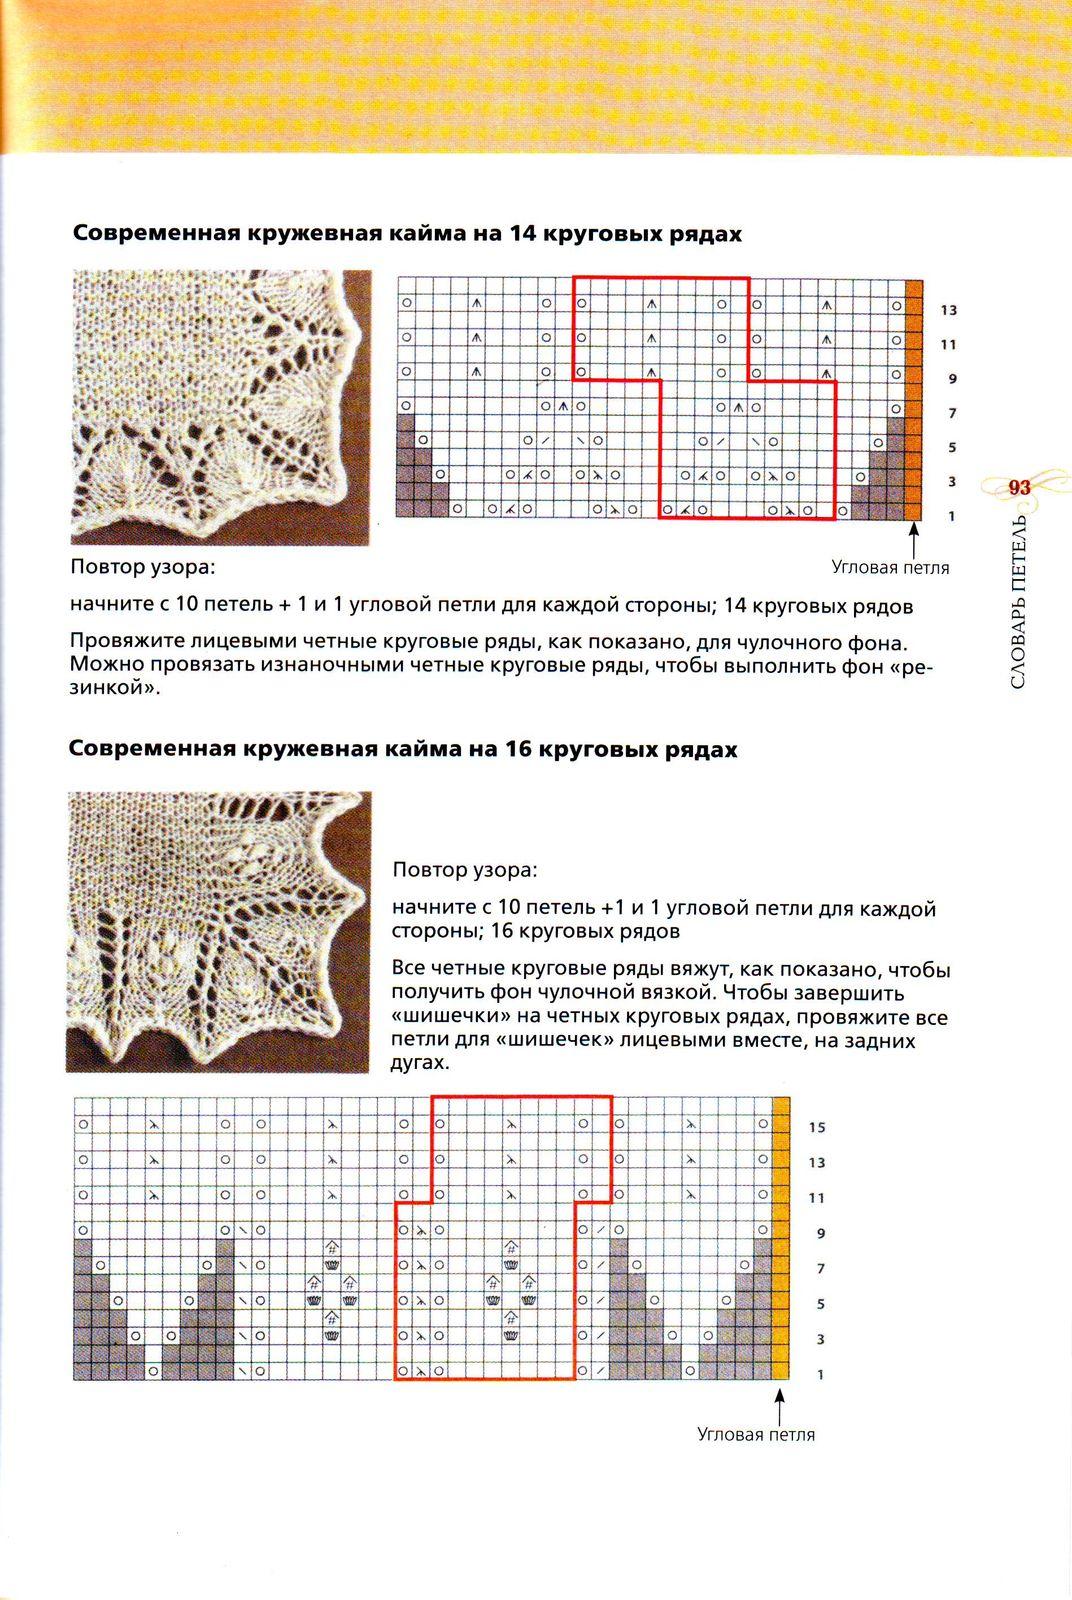 Вязание спицами шали схема инструкция